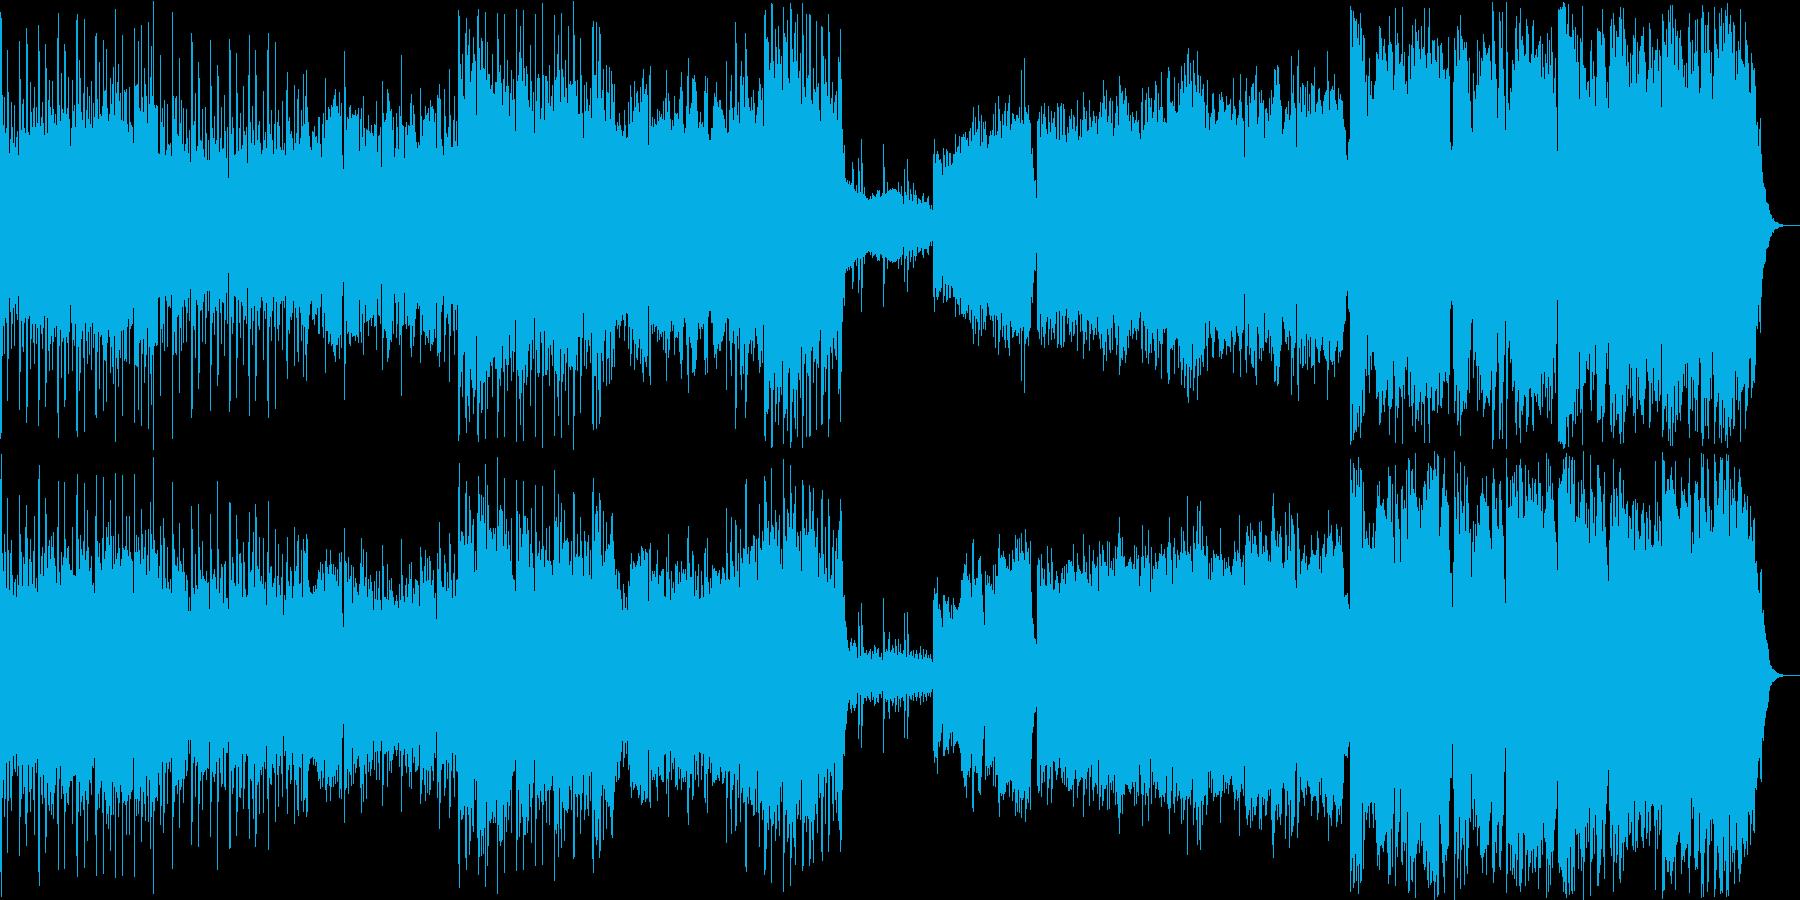 壮大で迫力のある滝のイメージの曲の再生済みの波形